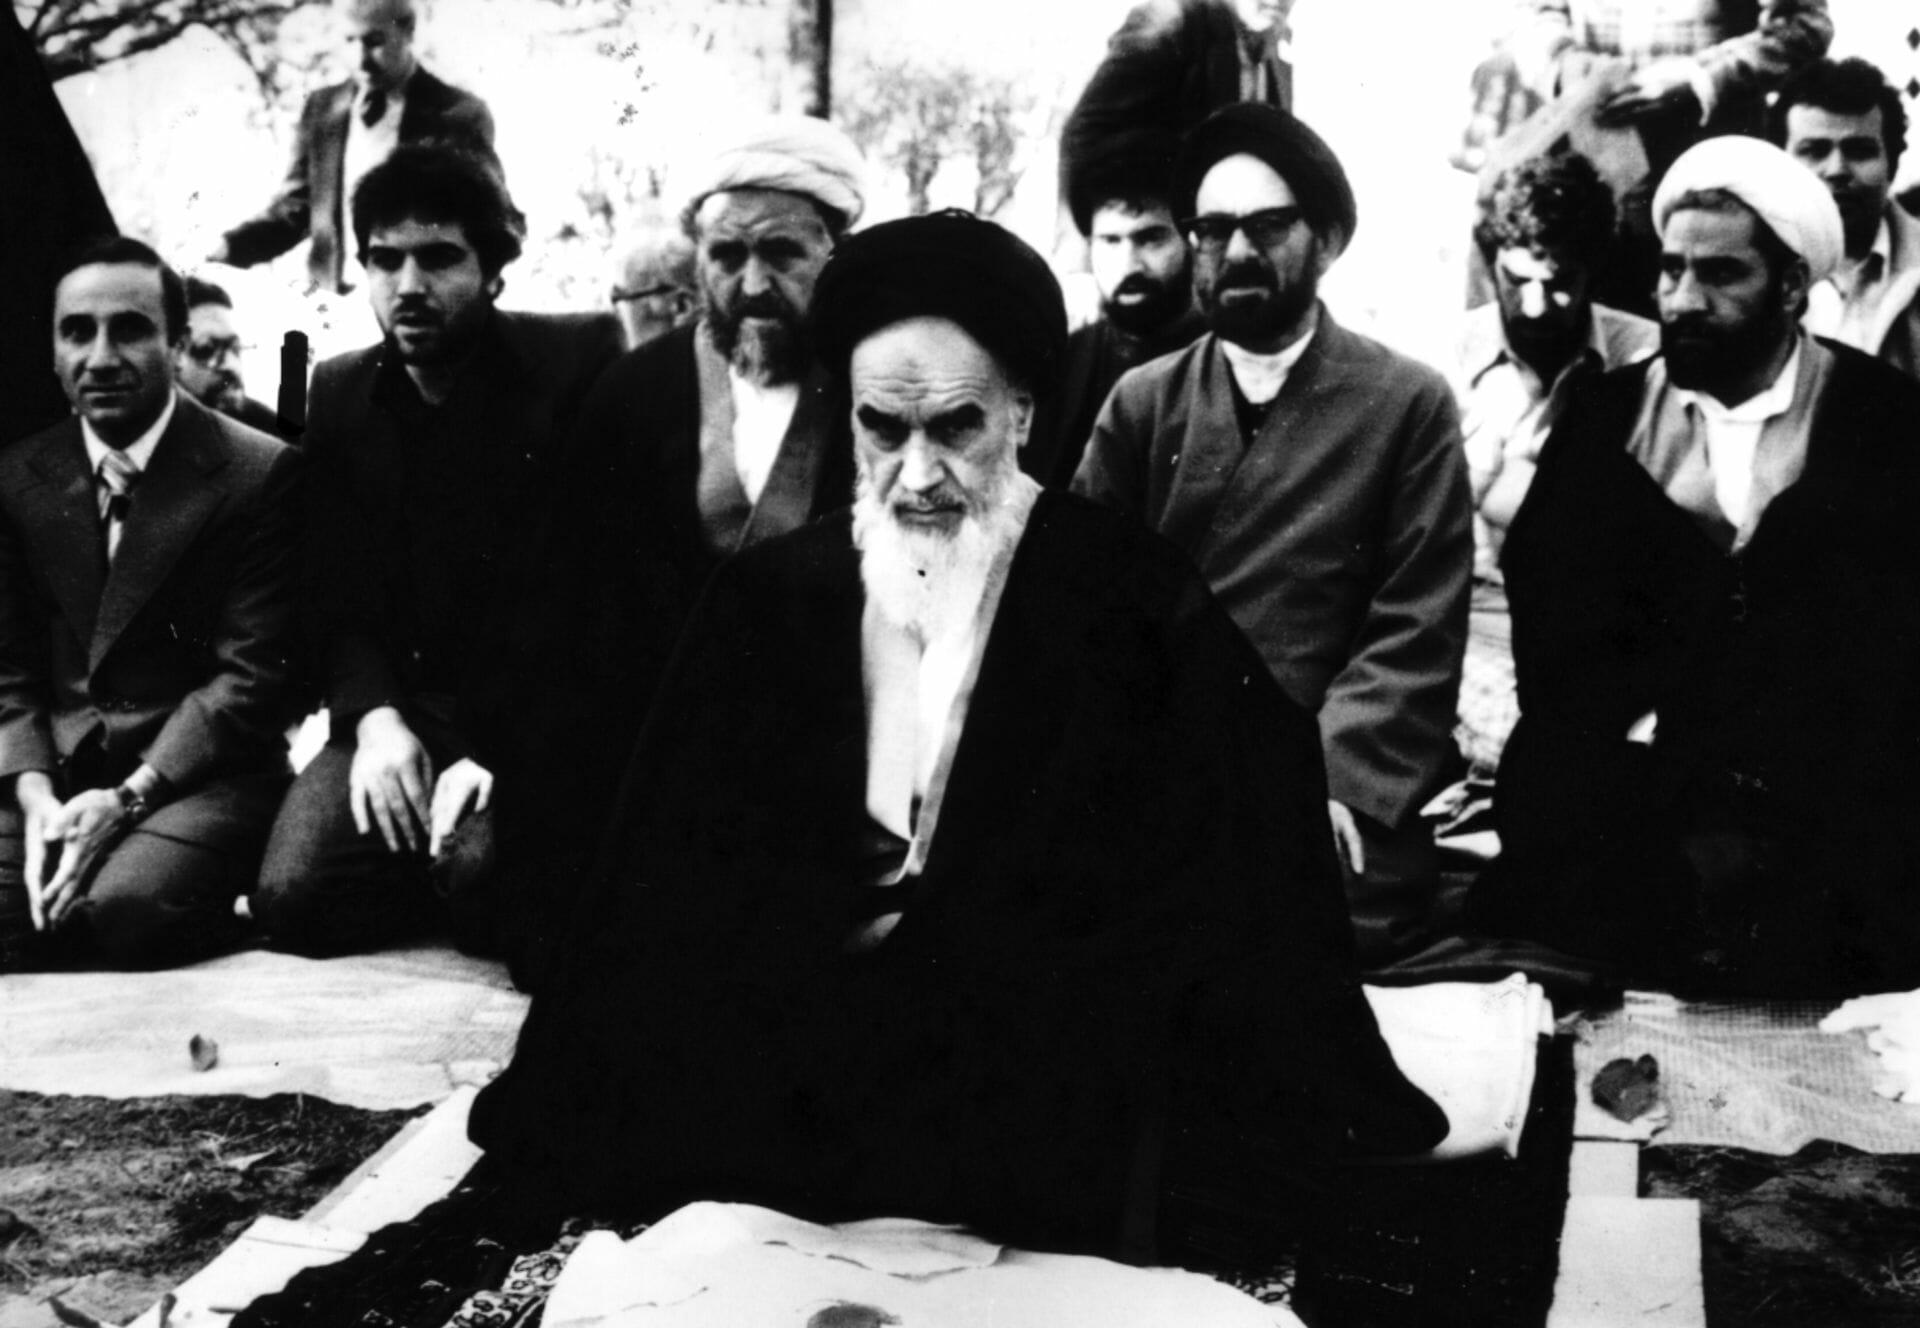 OVERBLIK: Afgørende øjeblikke under Irans revolution